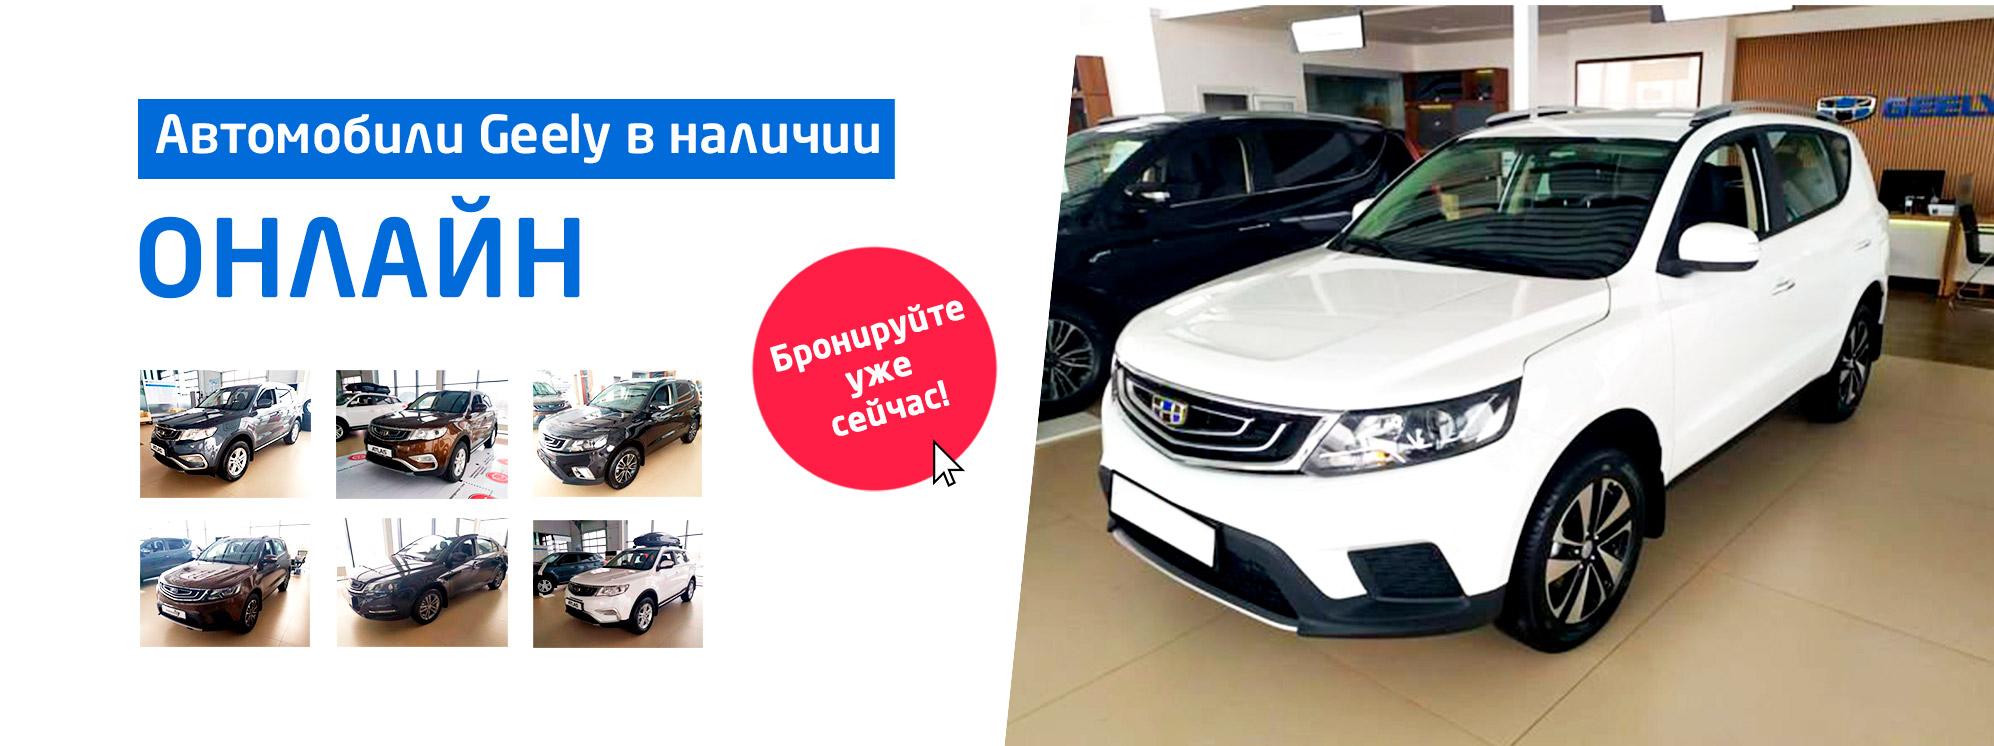 Автосалон гранд авто москва официальный сайт деньги под залог балашов